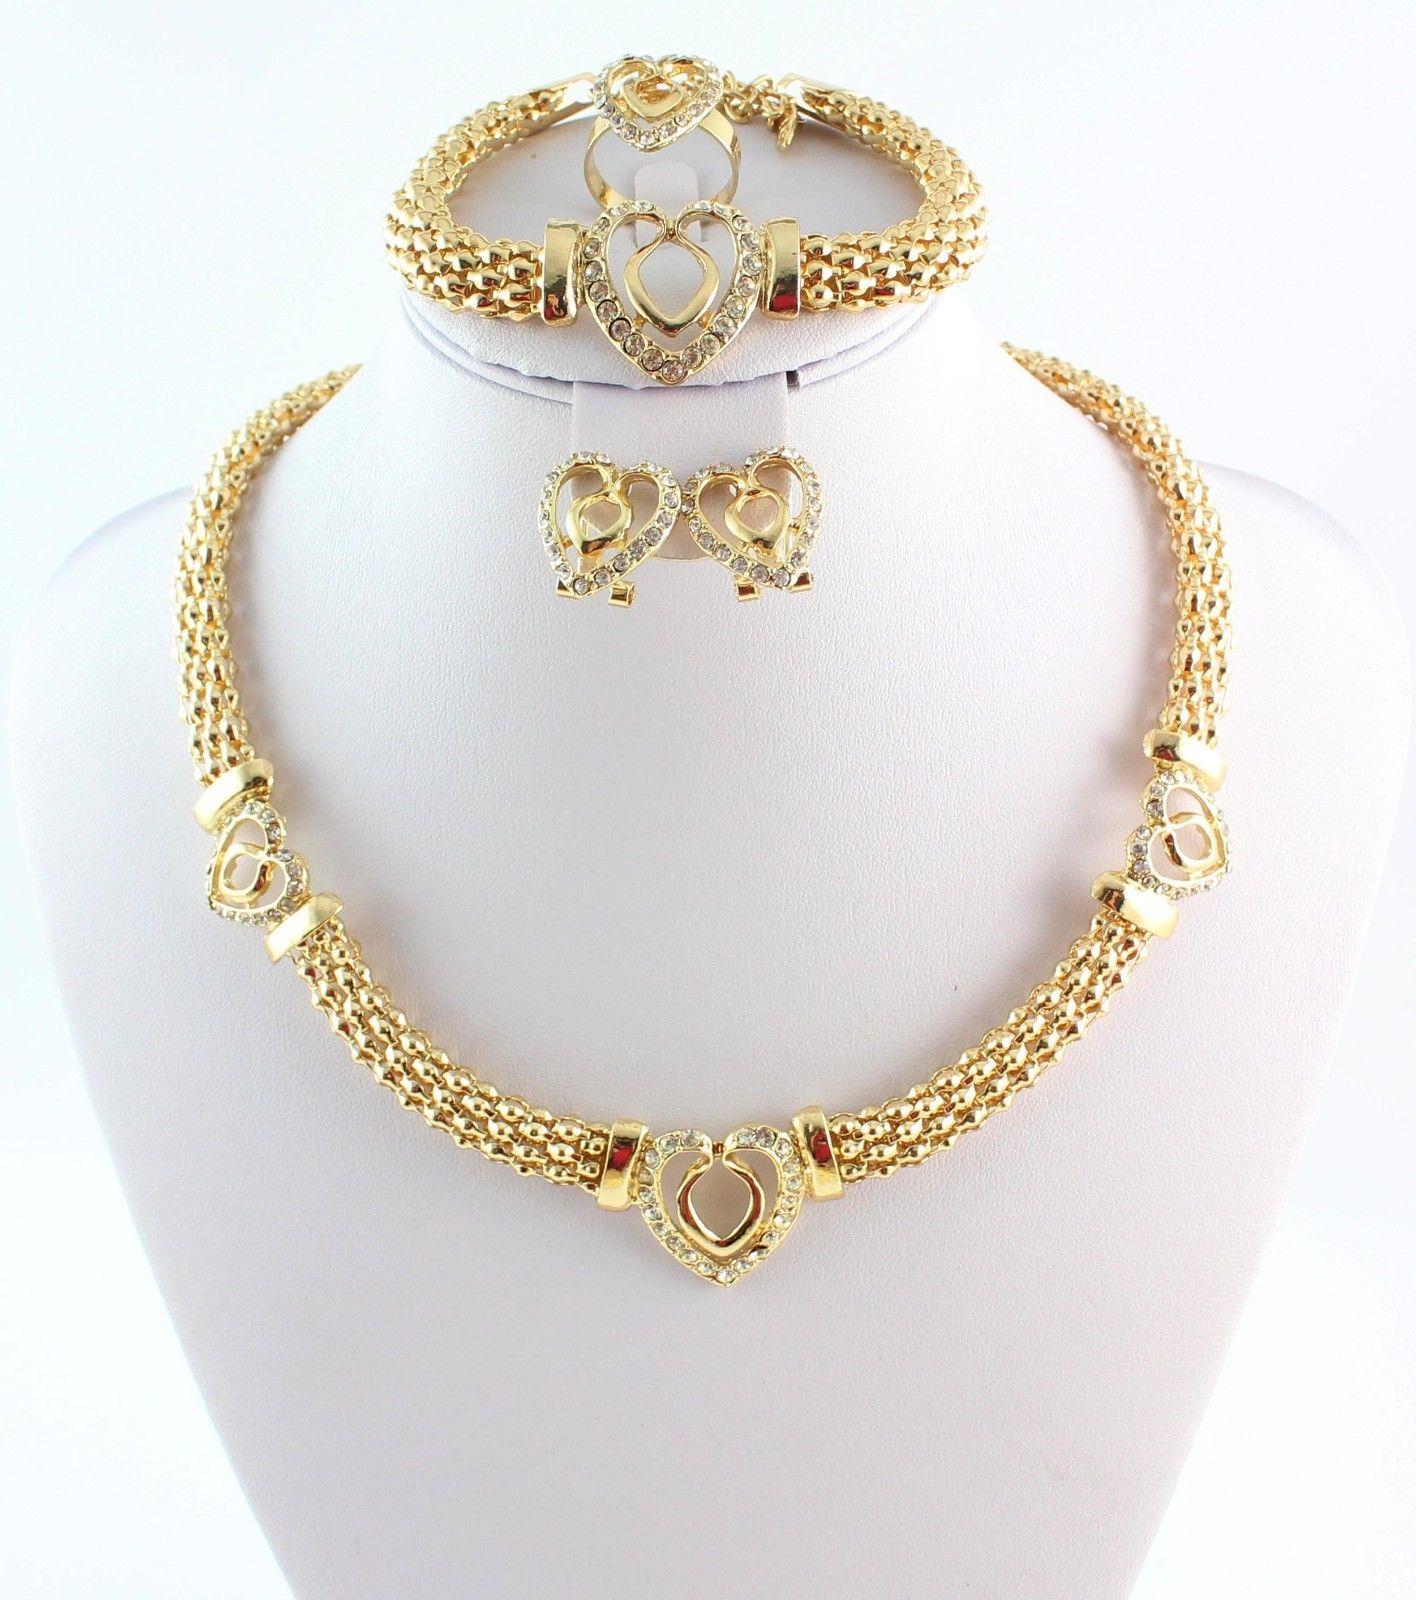 Heißer Verkauf Herz Design Kostüm Halsketten Armbänder Ohrringe Ringe Set Mode Top Qualität Afrikanische Vergoldet Frauen Brautschmuck Sets